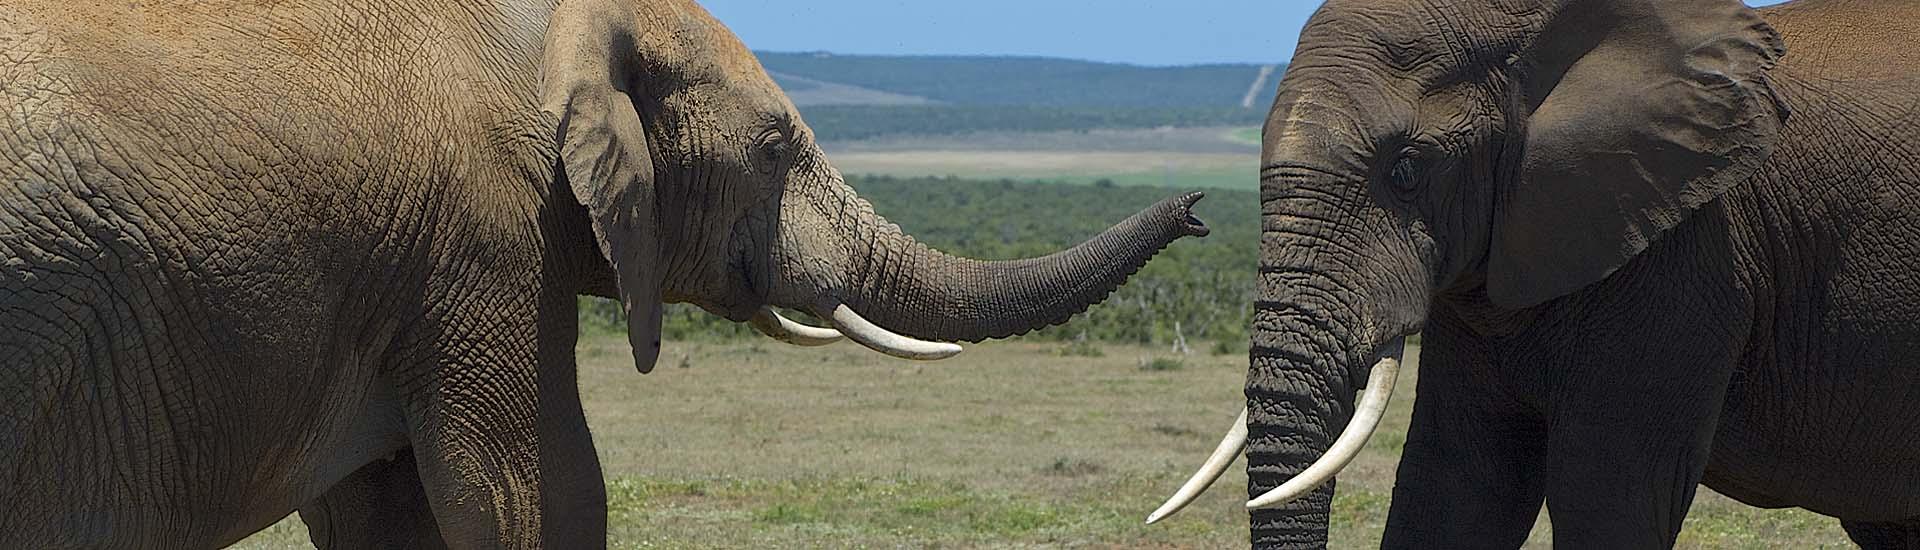 Addo Elephant Park, Elefant, Elefanten, Safari